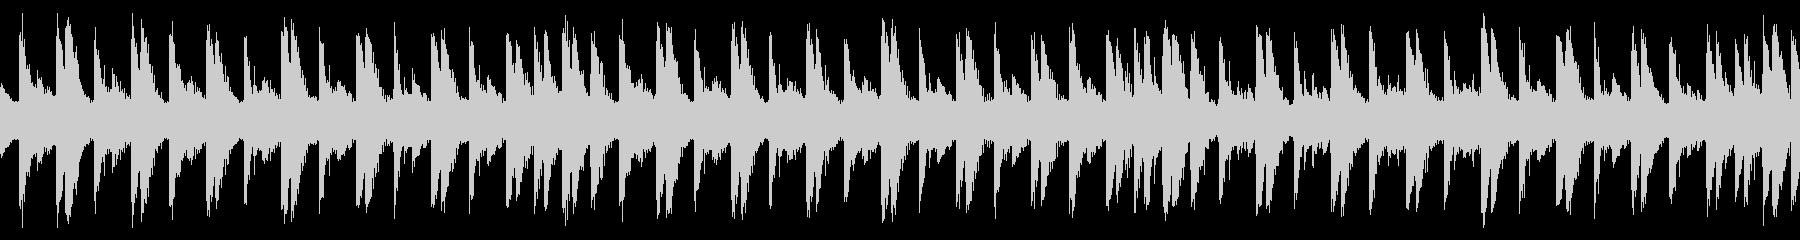 アコギのアルペジオを使ったごく短いループの未再生の波形